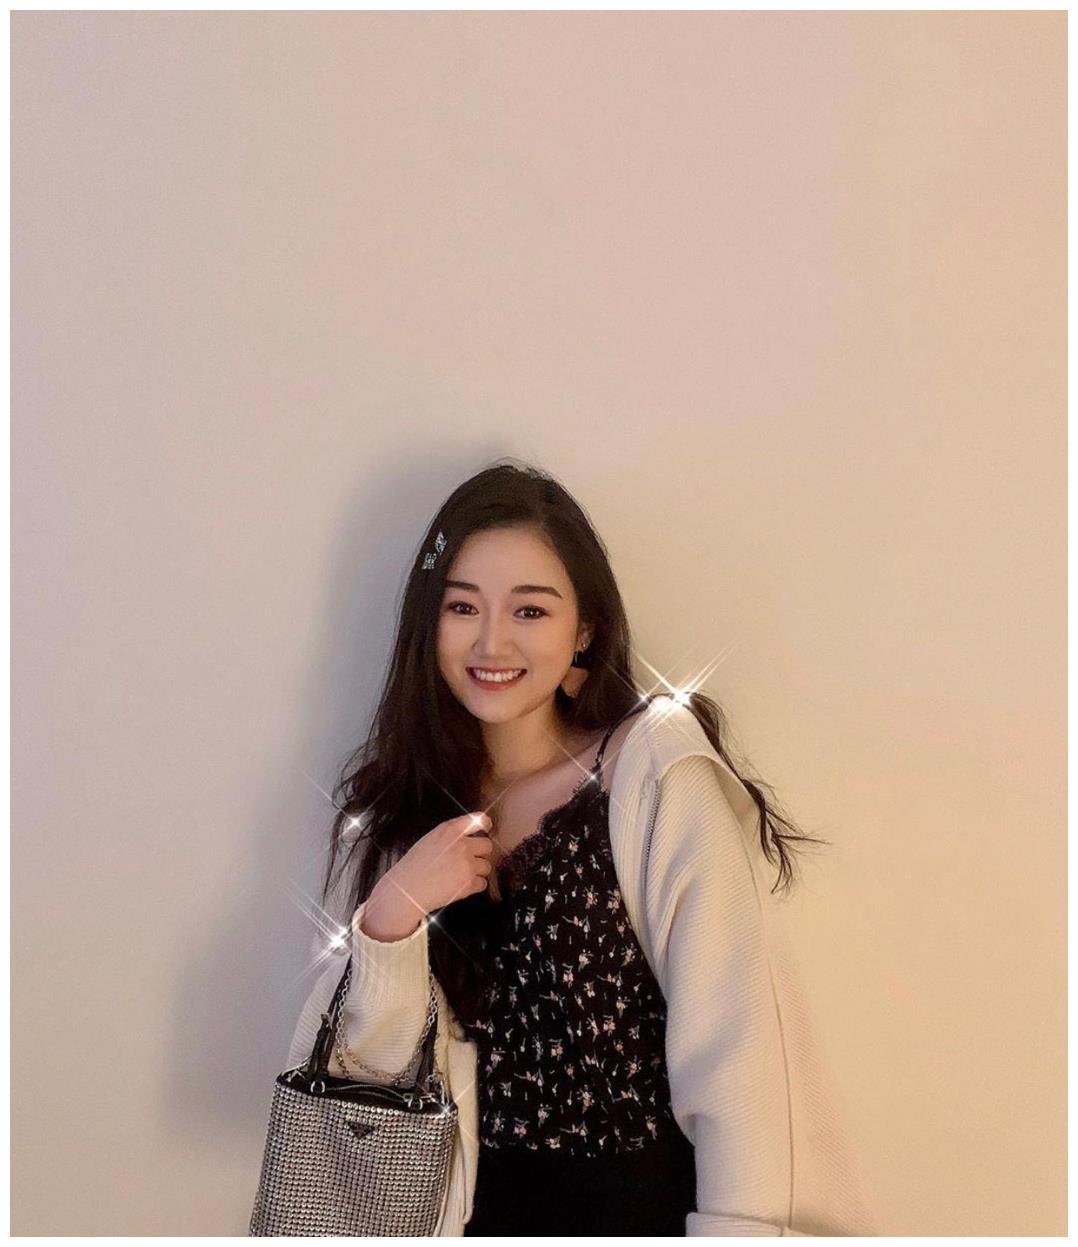 袁九儿:何超欣和姚安娜是她的闺蜜,18岁出席顶级名媛舞会